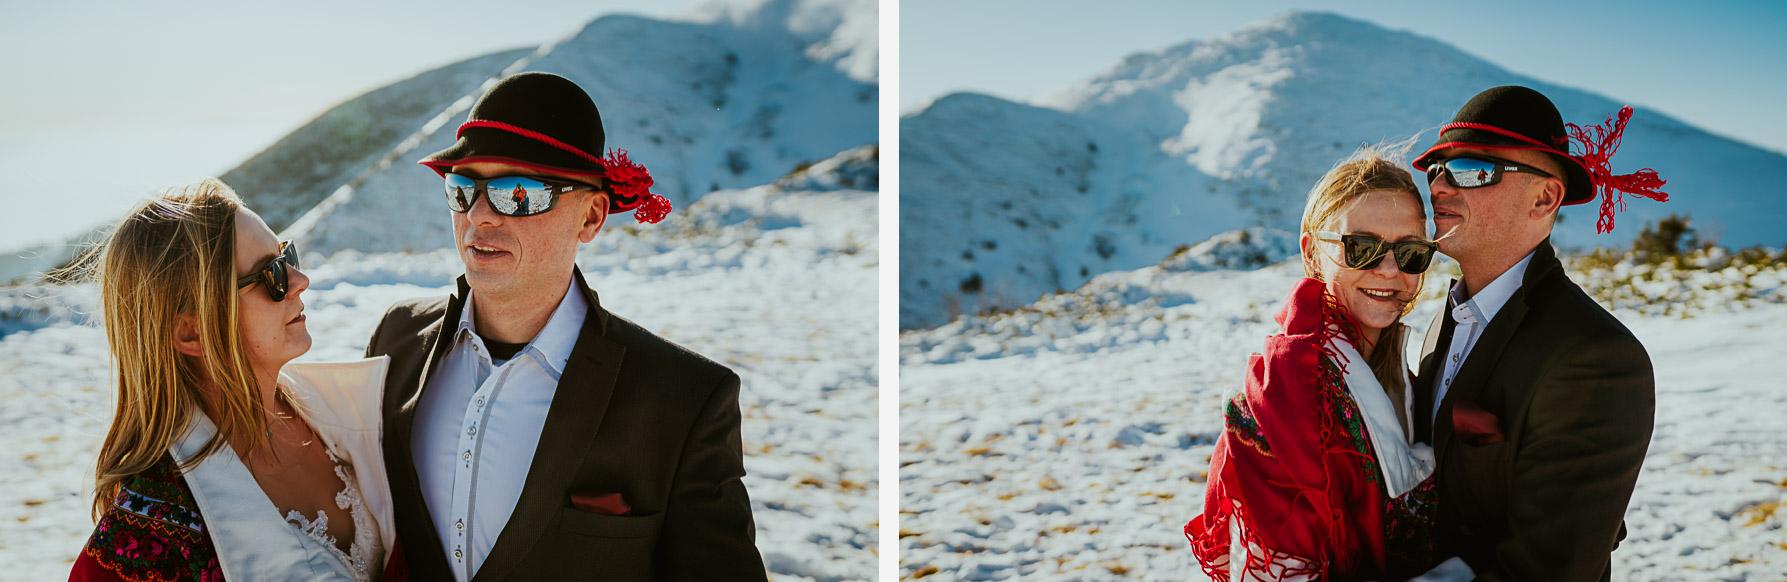 plener zimowy w gorach mala fatra 004